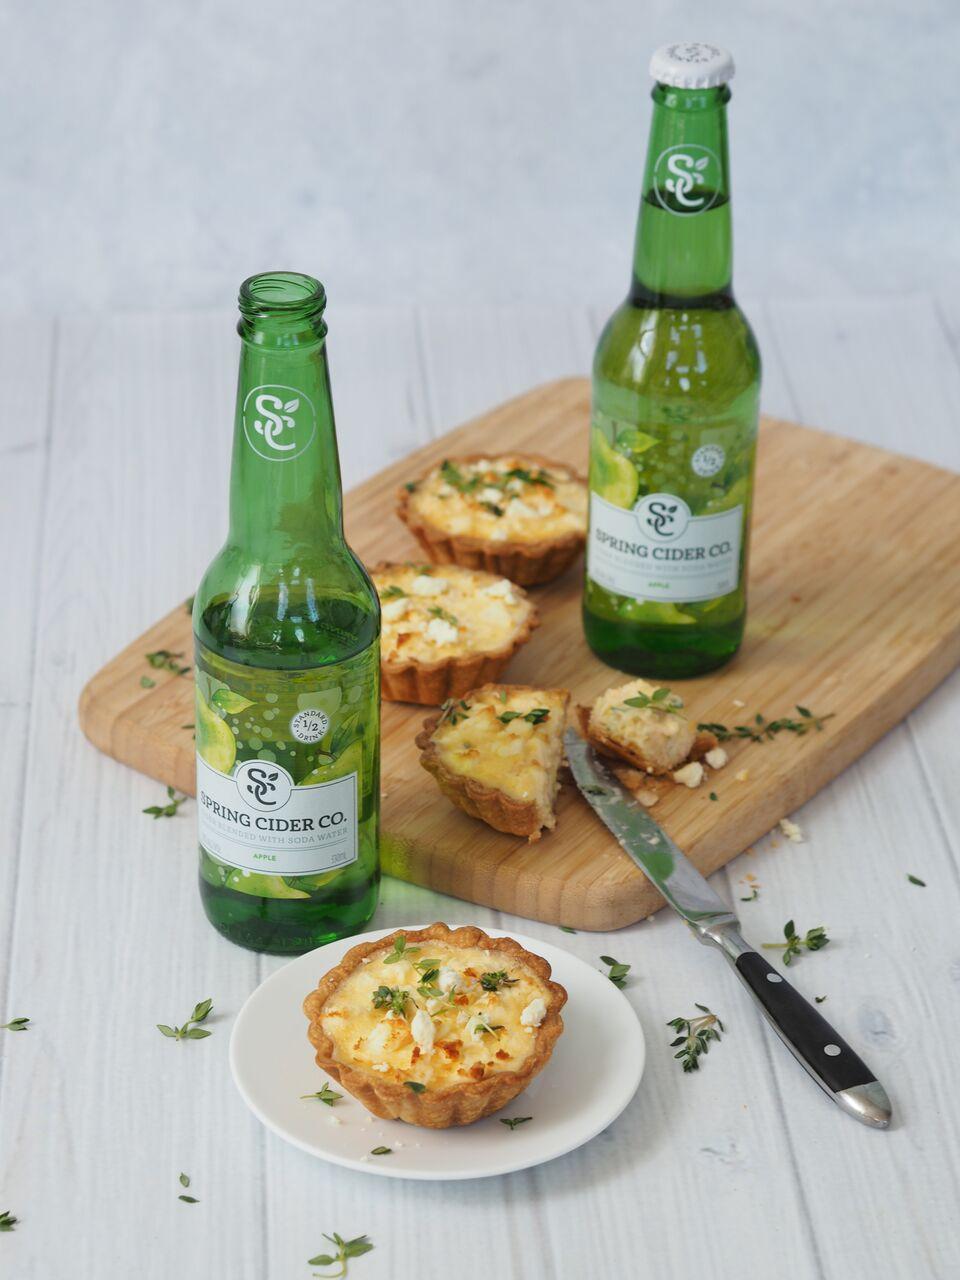 Spring Cider Co